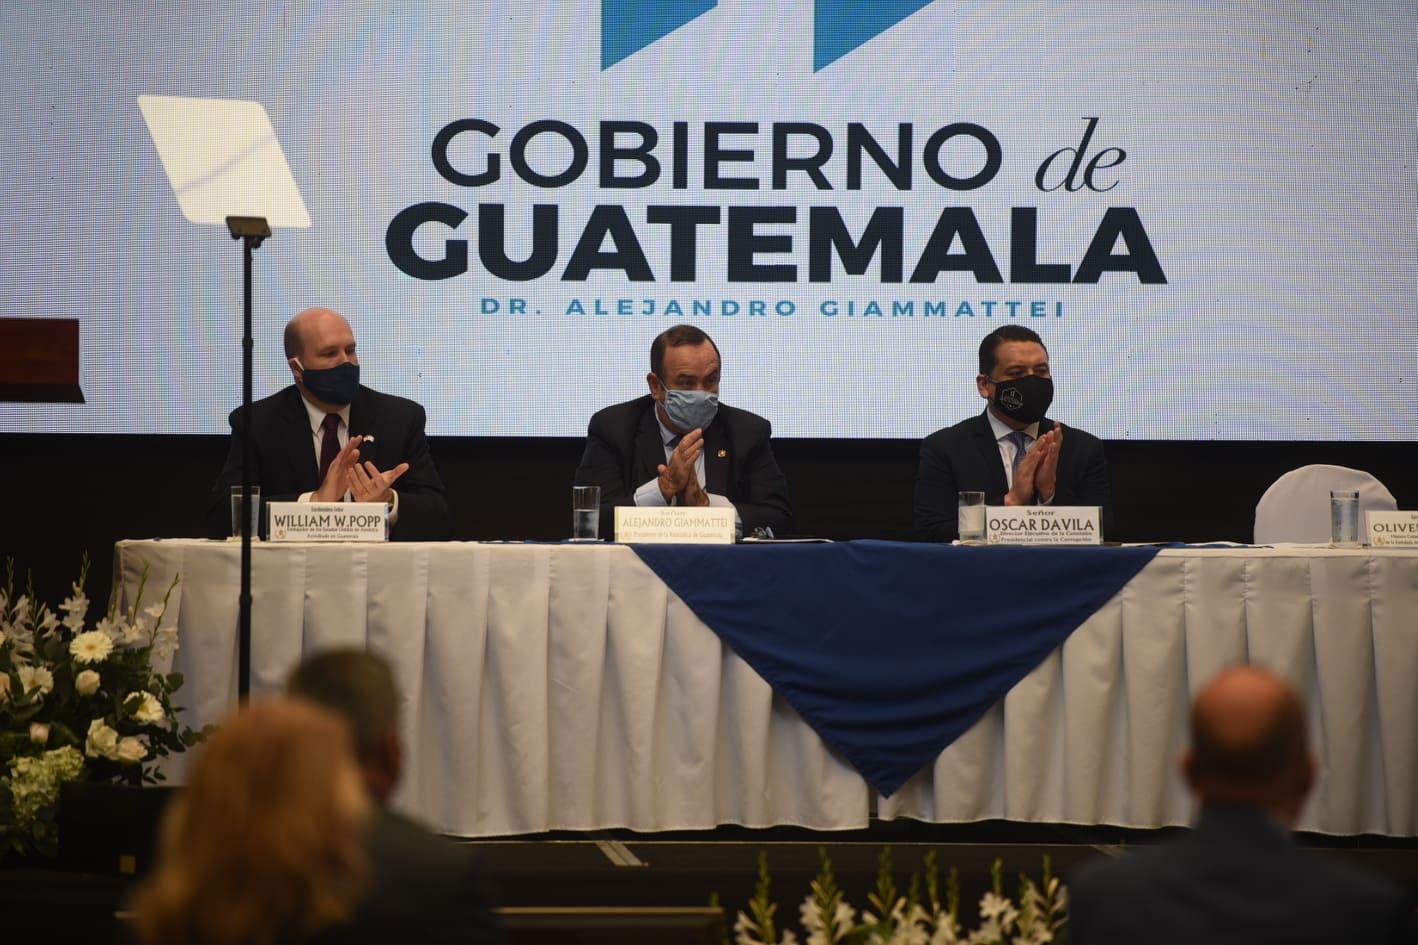 El presidente, Alejandro Giammattei, y autoridades guatemaltecas conmemoran el Día Internacional contra la Corrupción. También participó William W. Popp, embajador de Estados Unidos.